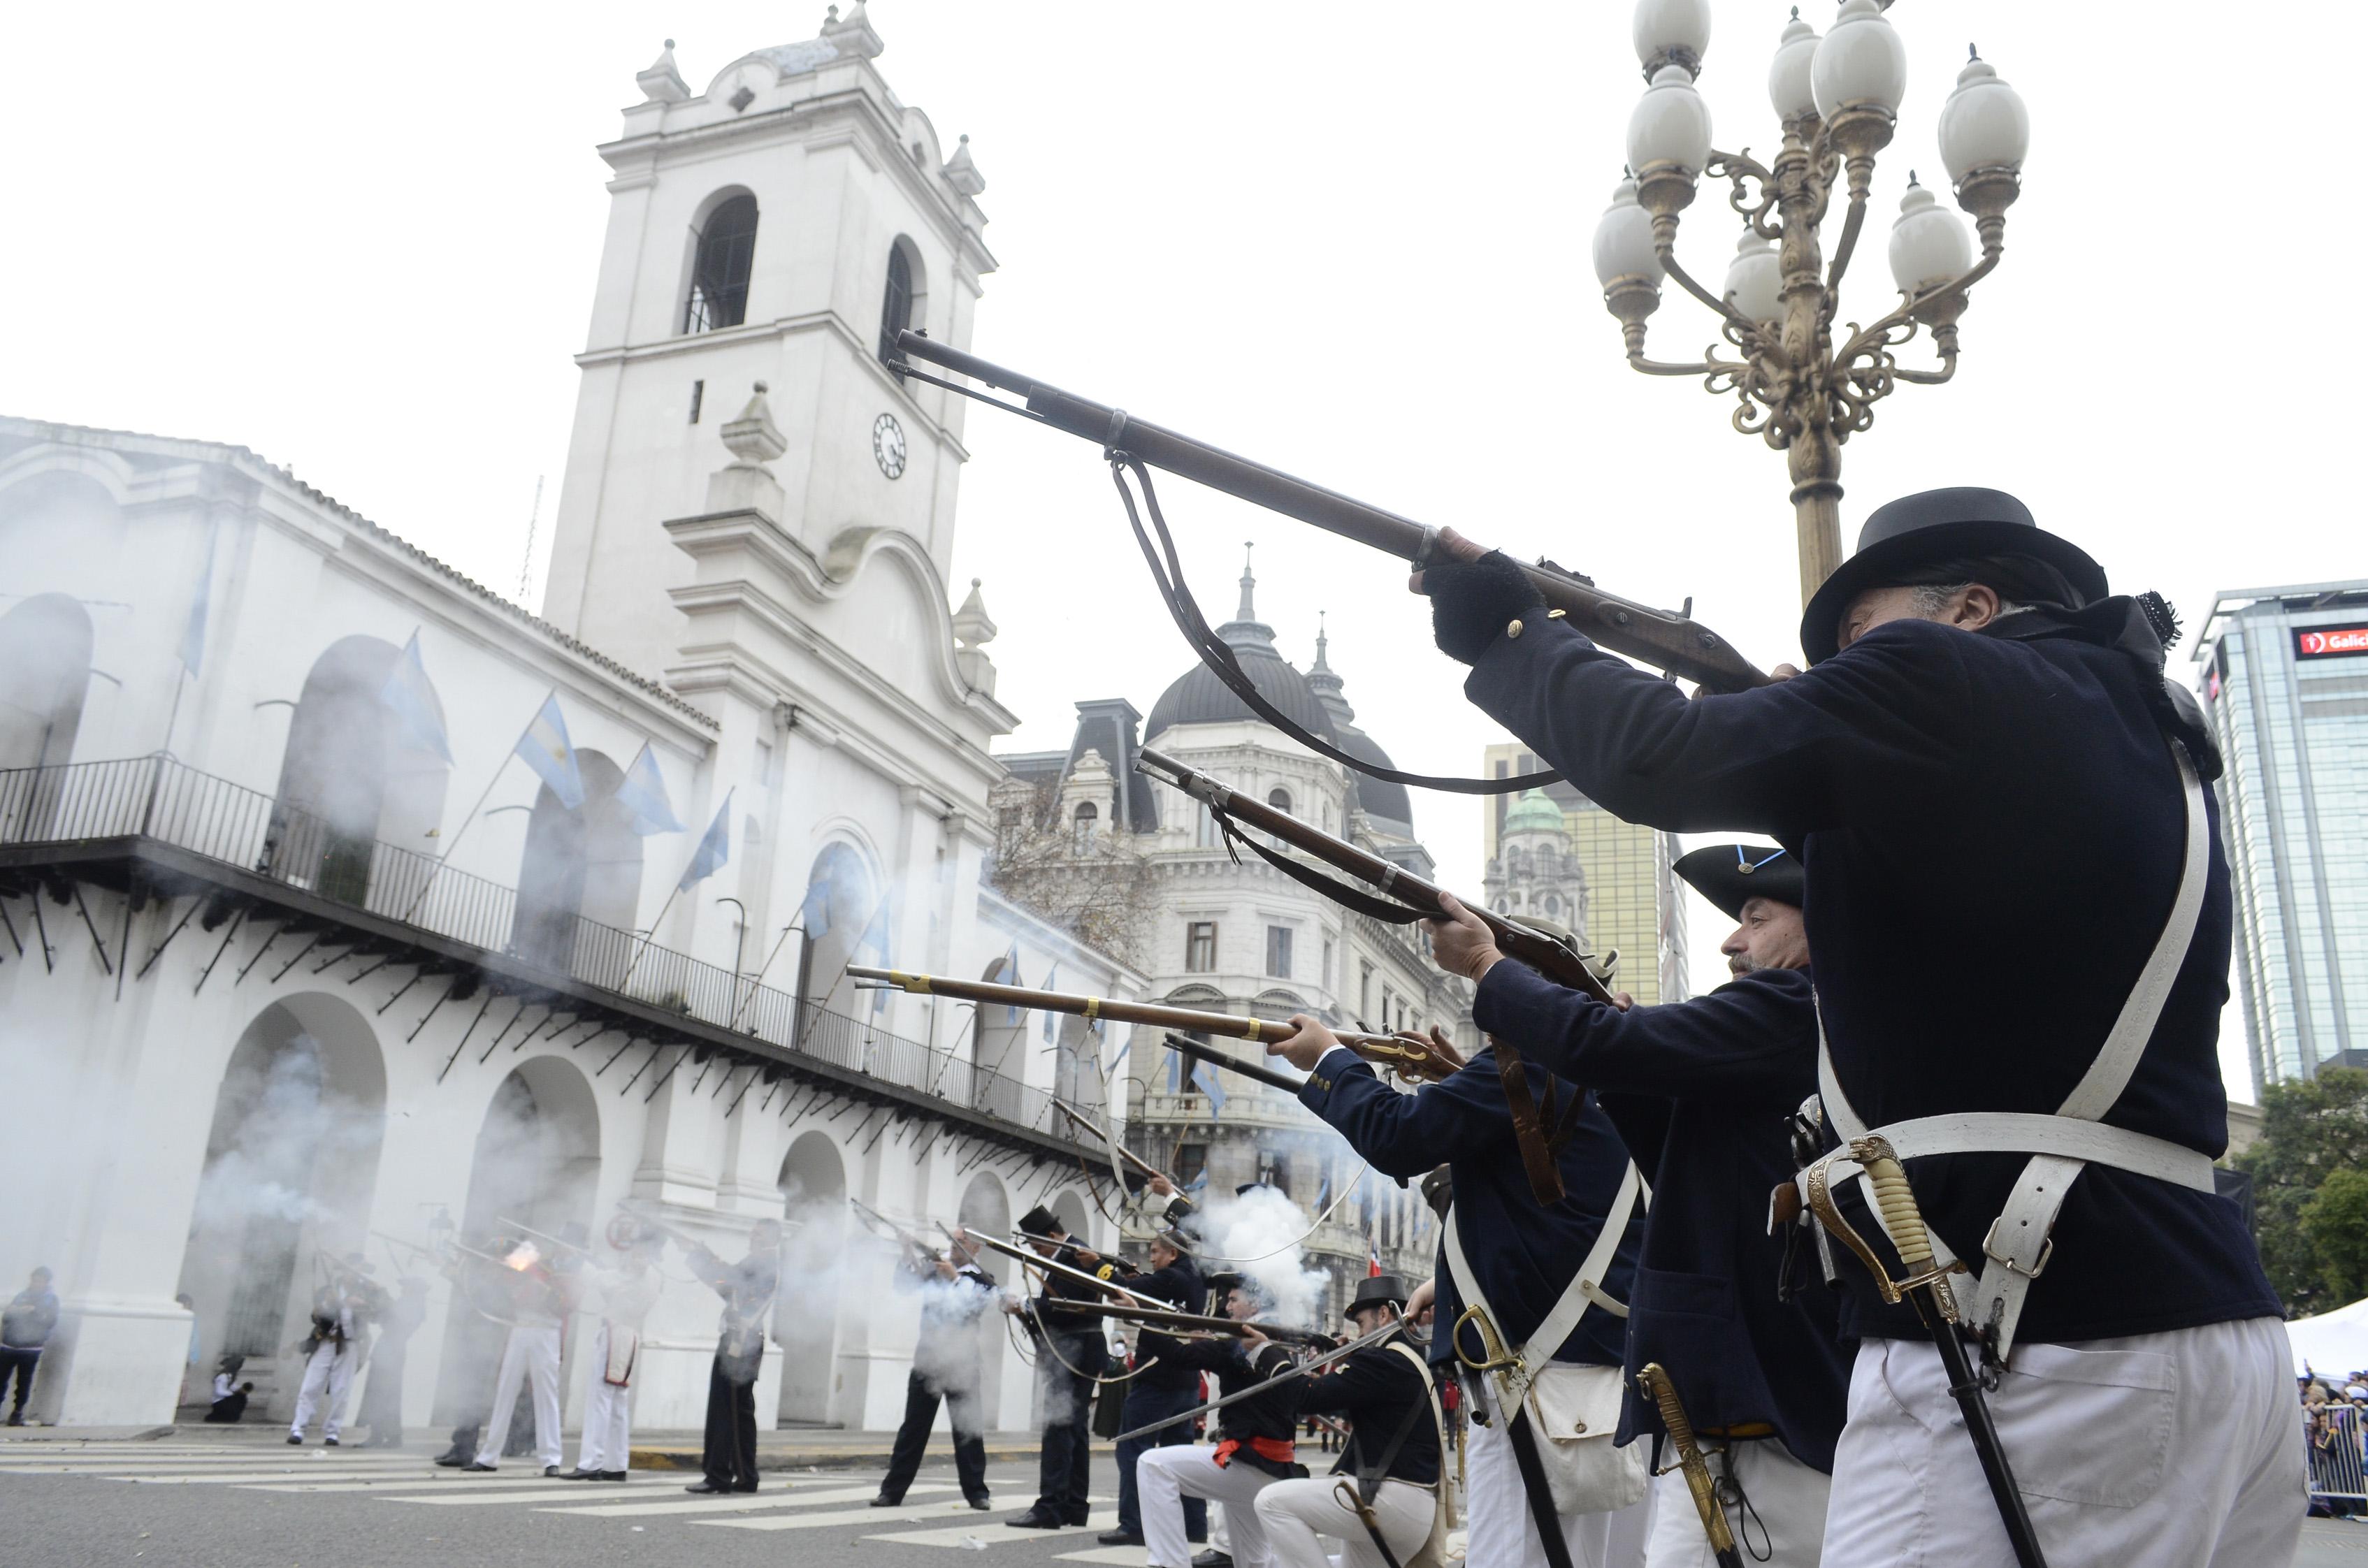 DYN39, BUENOS AIRES, 08/07/2016,RECREACION DE LAS INVASIONES INGLESAS,  EN EL FESTEJO DEL BICENTENARIO. FOTO:DYN/JAVIER BRUSCO